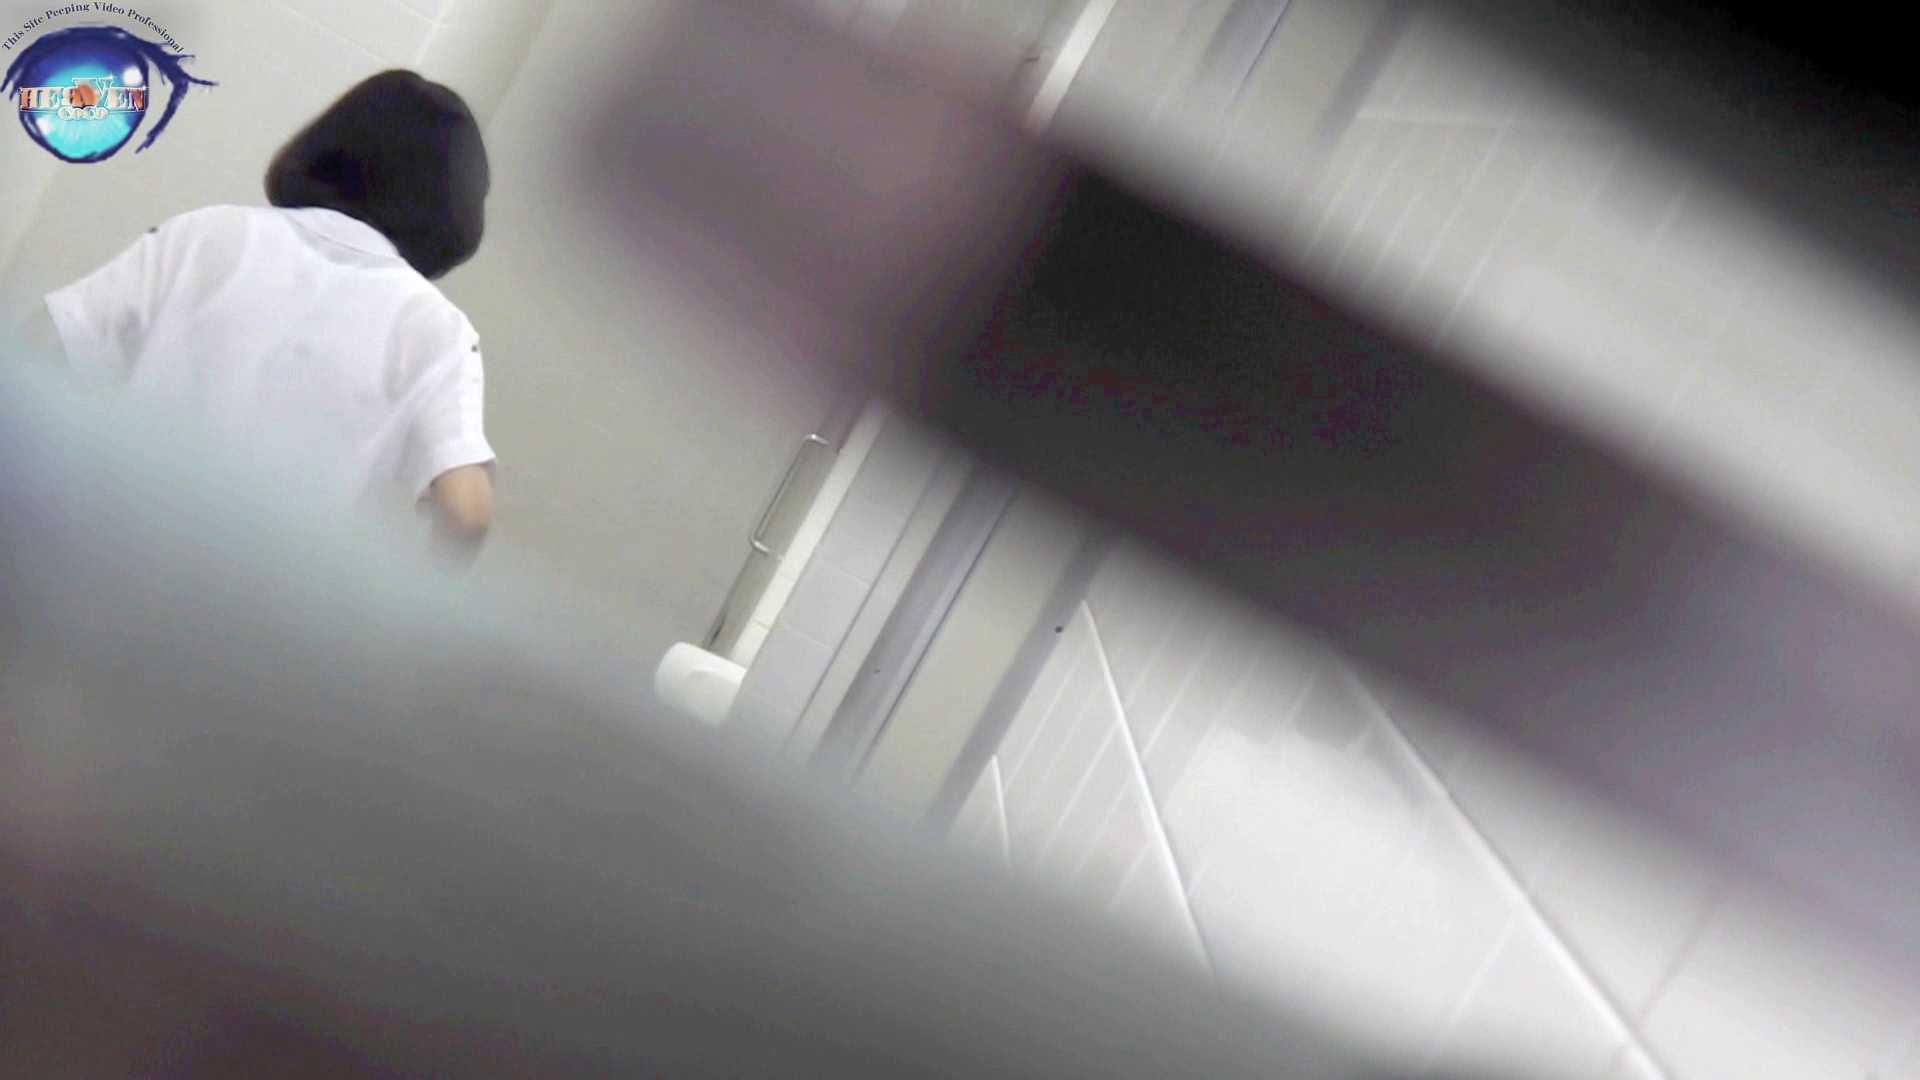 洗面所突入レポート!!お銀 vol.68 無謀に通路に飛び出て一番明るいフロント撮り実現 前編 洗面所編  86PIX 18